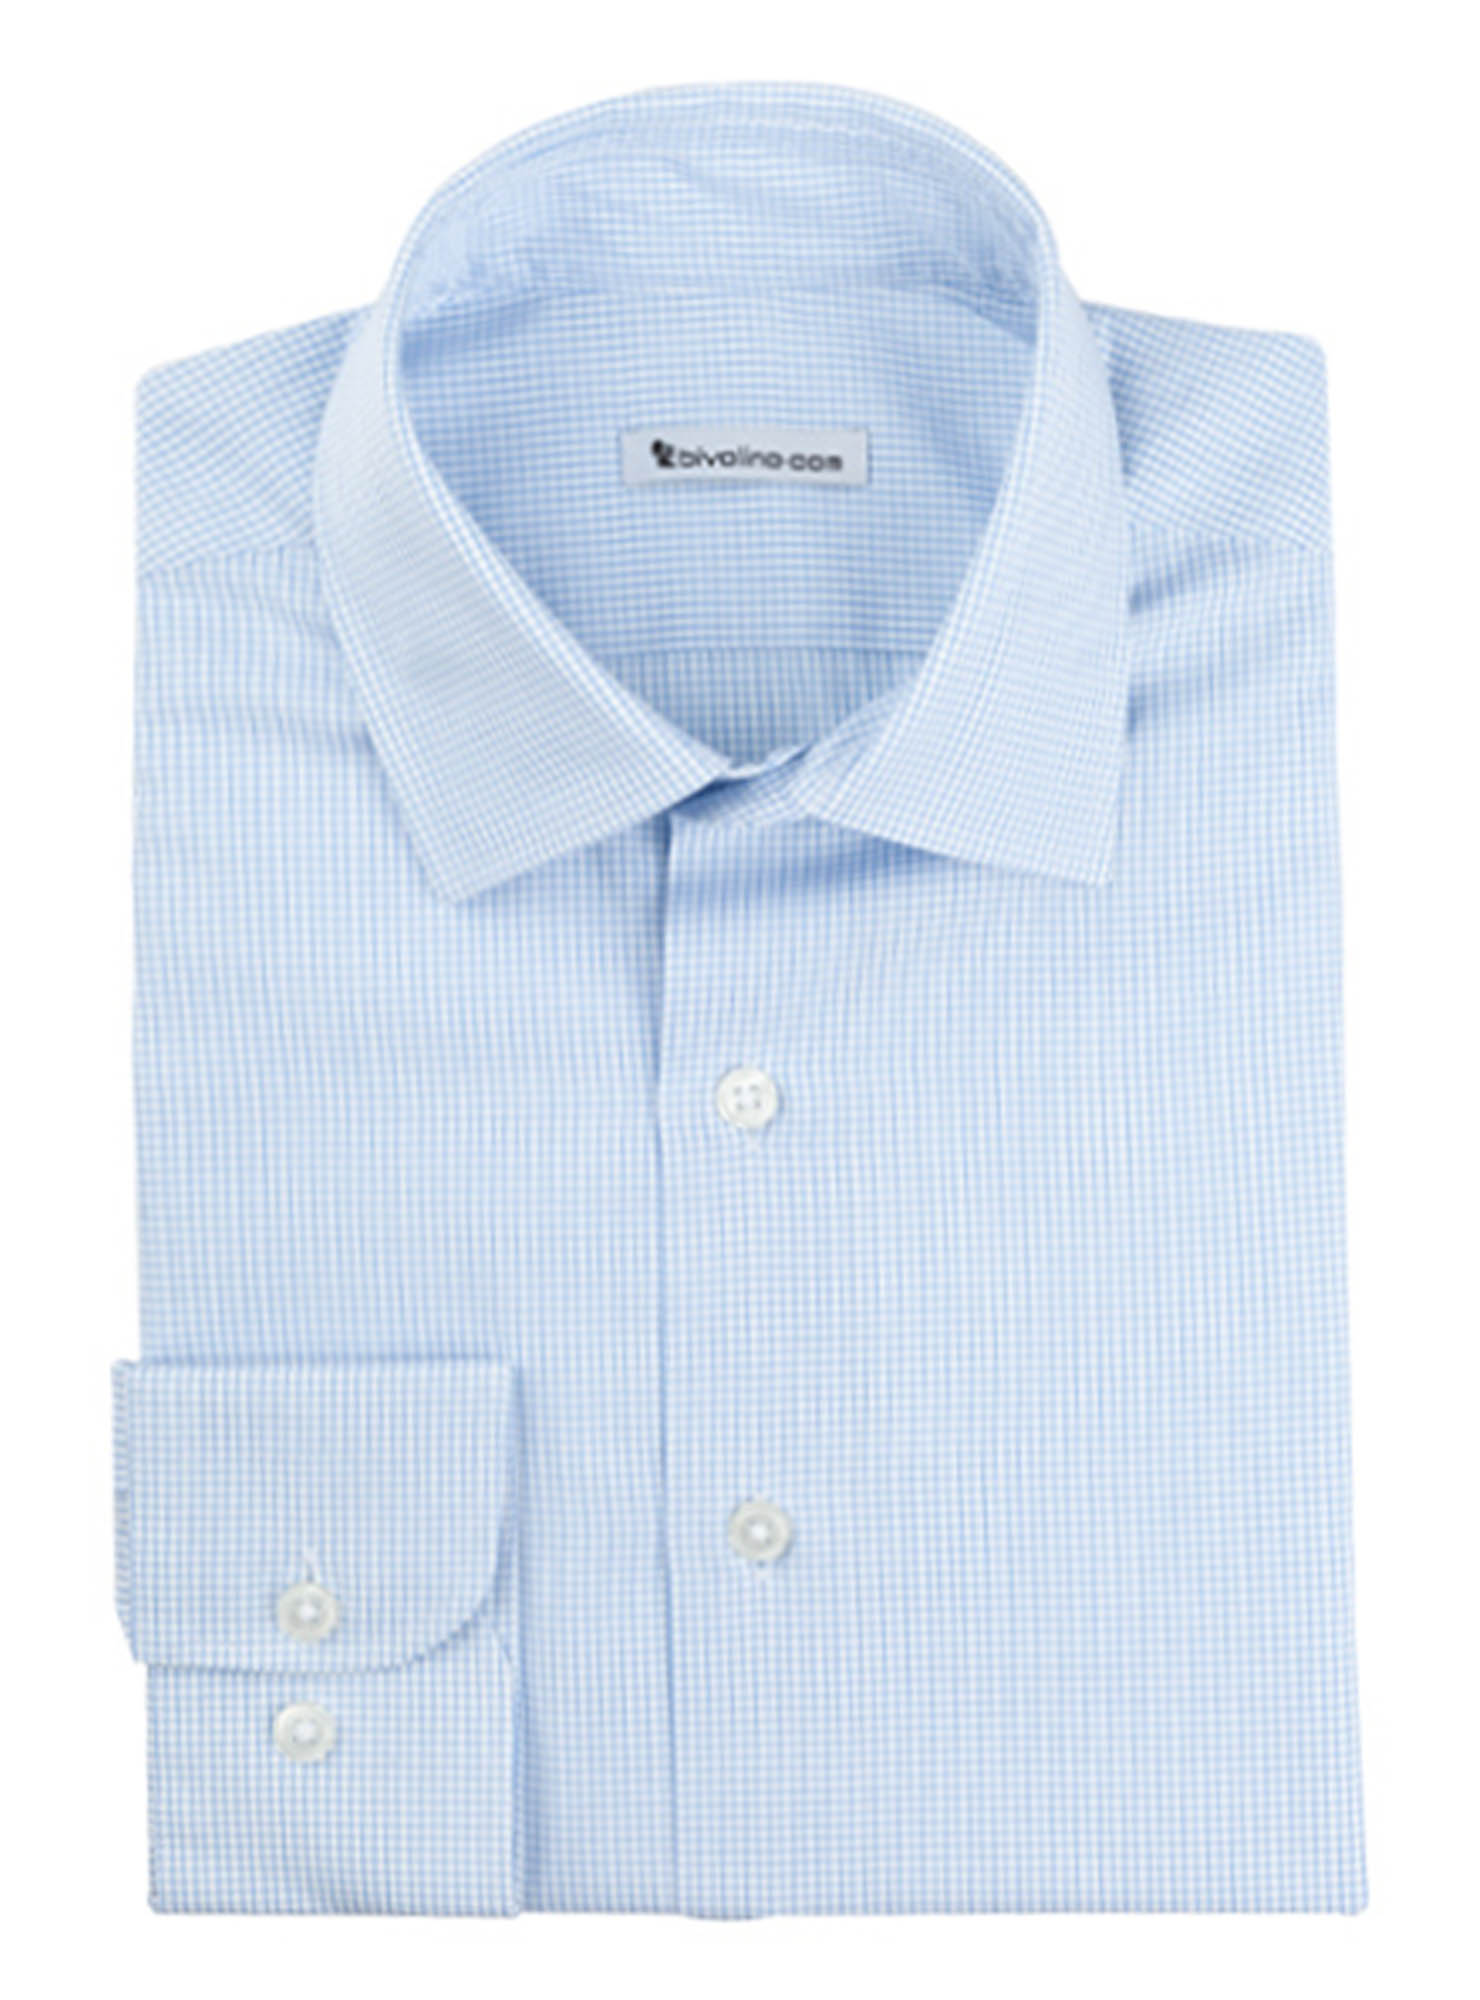 LATINA - men shirt cotton two-fold 2ply Egyptian - Thomas Mason - ORIS 3